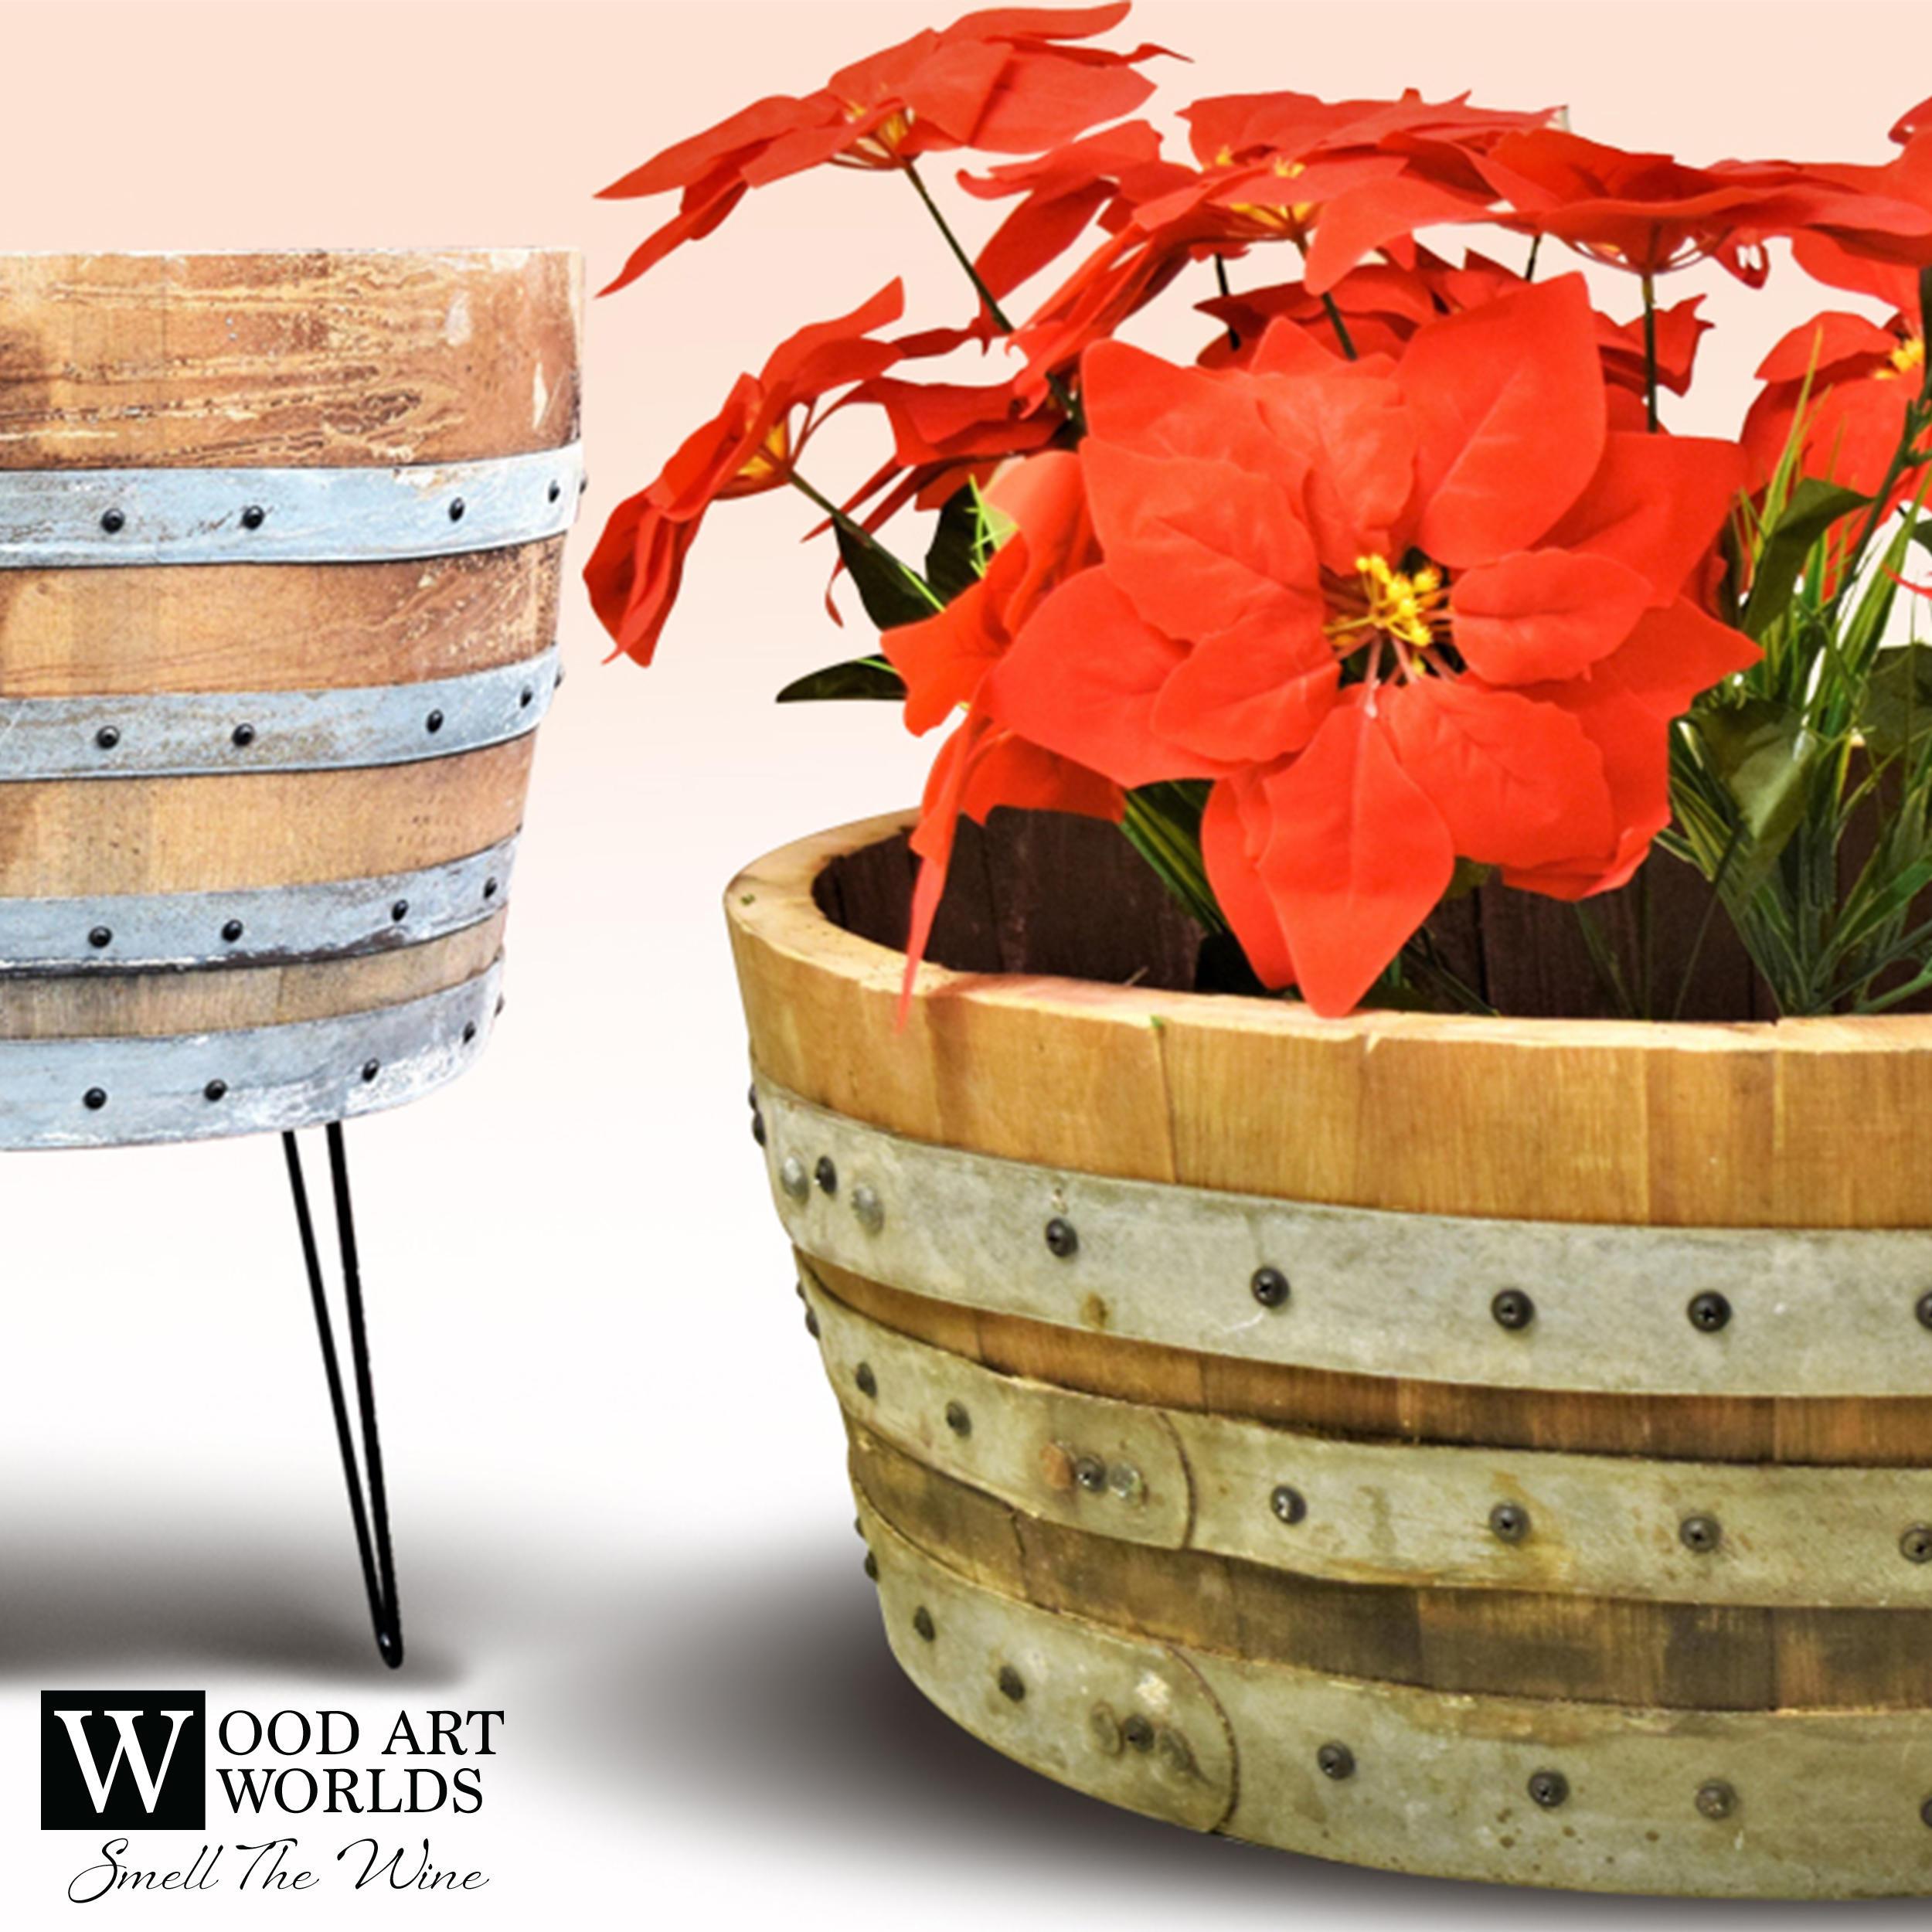 Wood Art Worlds image 2